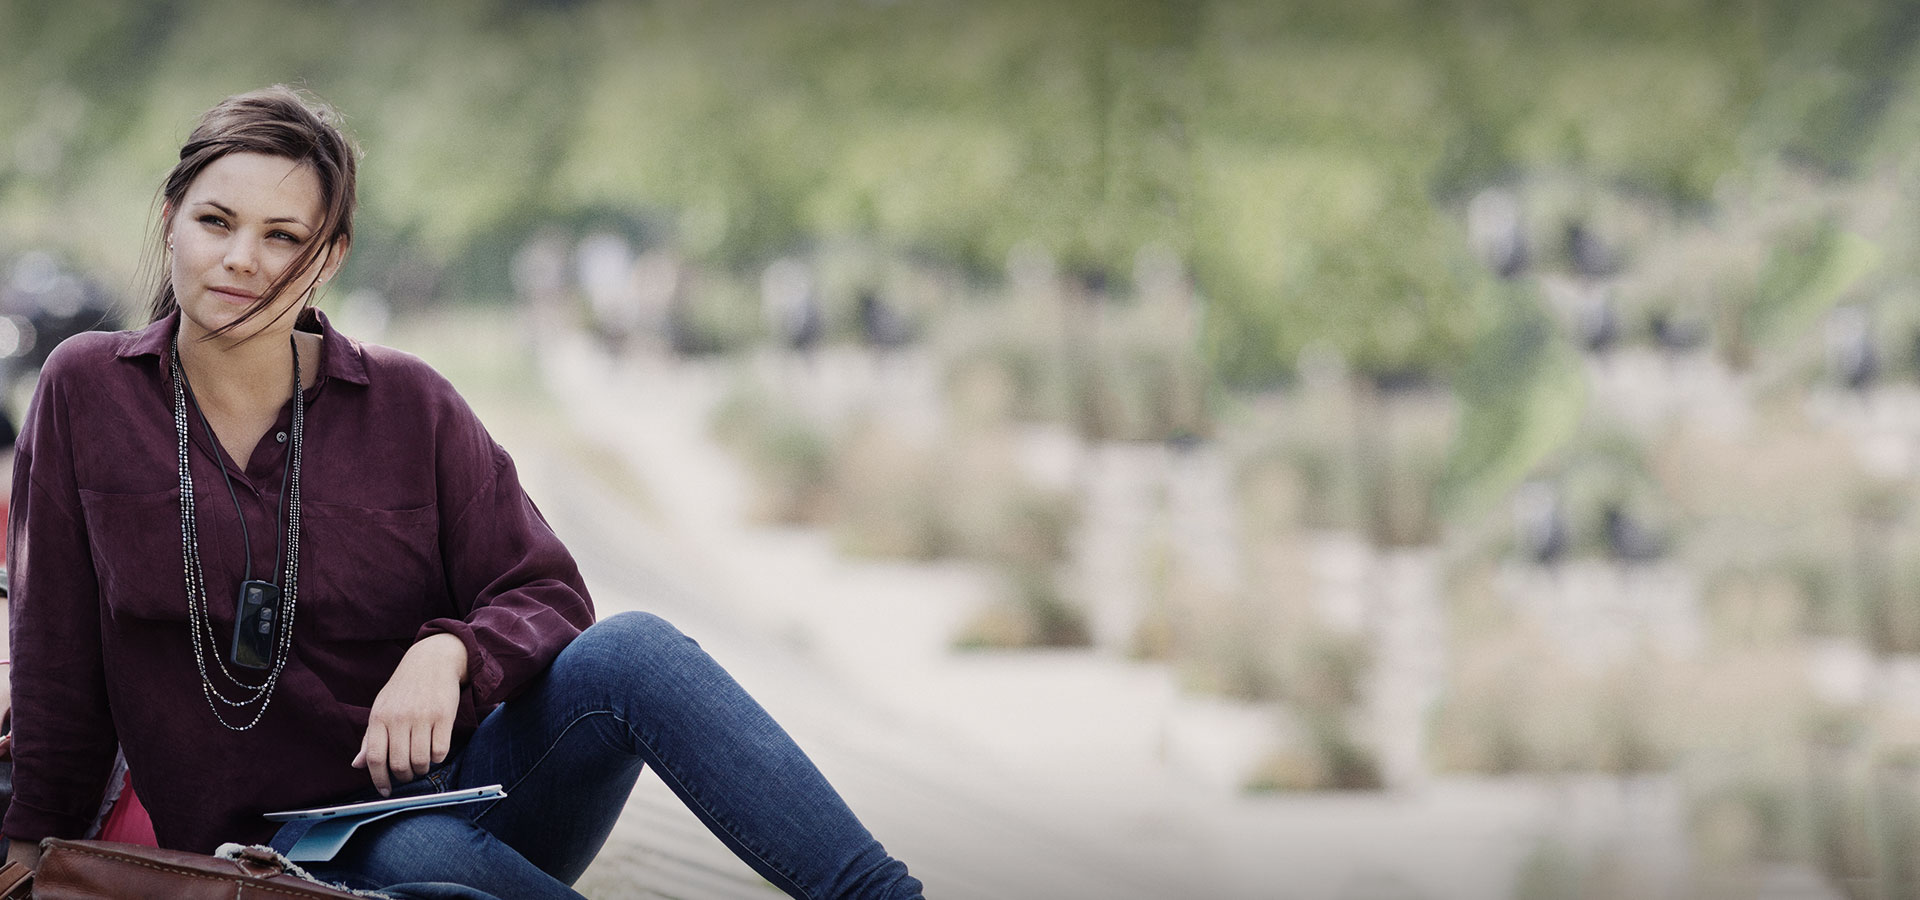 jeune fille adolescente avec chemise bodeaux et jean dans un parc